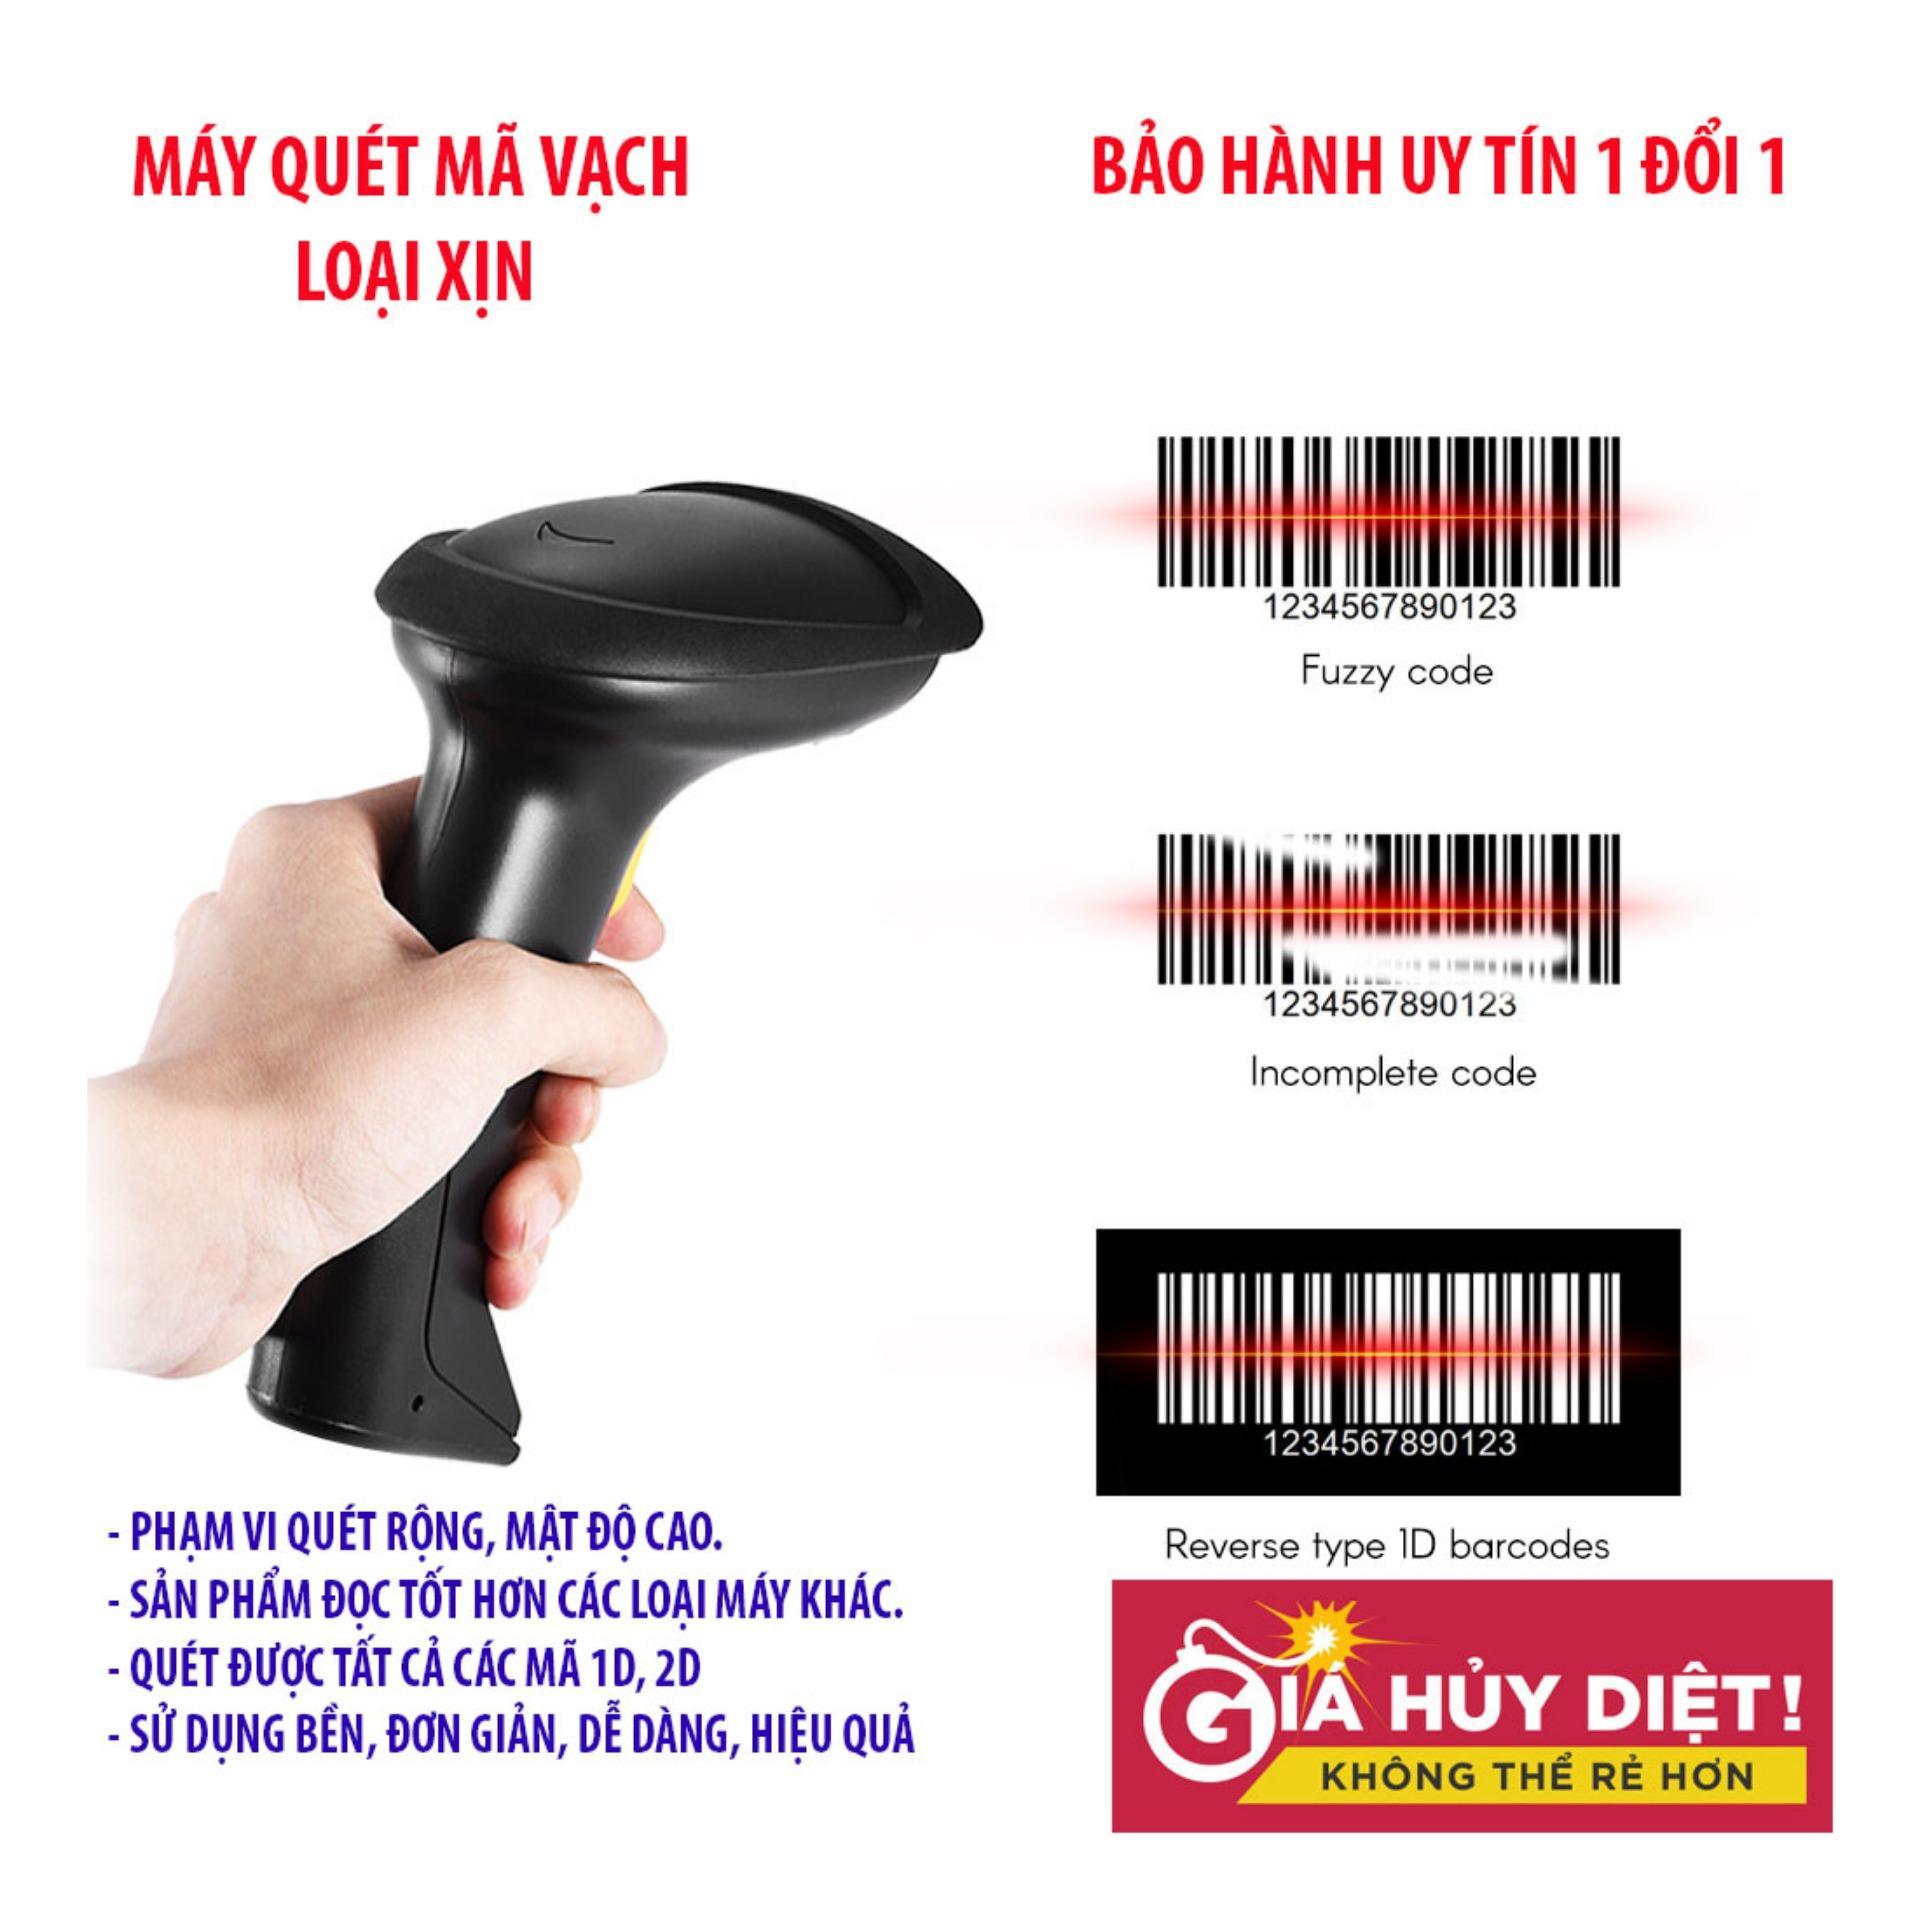 Hình ảnh Đầu đọc mã vạch FastTk89 - Giá rẻ, hàng tốt, độ bền cao Mẫu 2 - Bh uy tín 1 đổi 1 bởi TECH-ONE